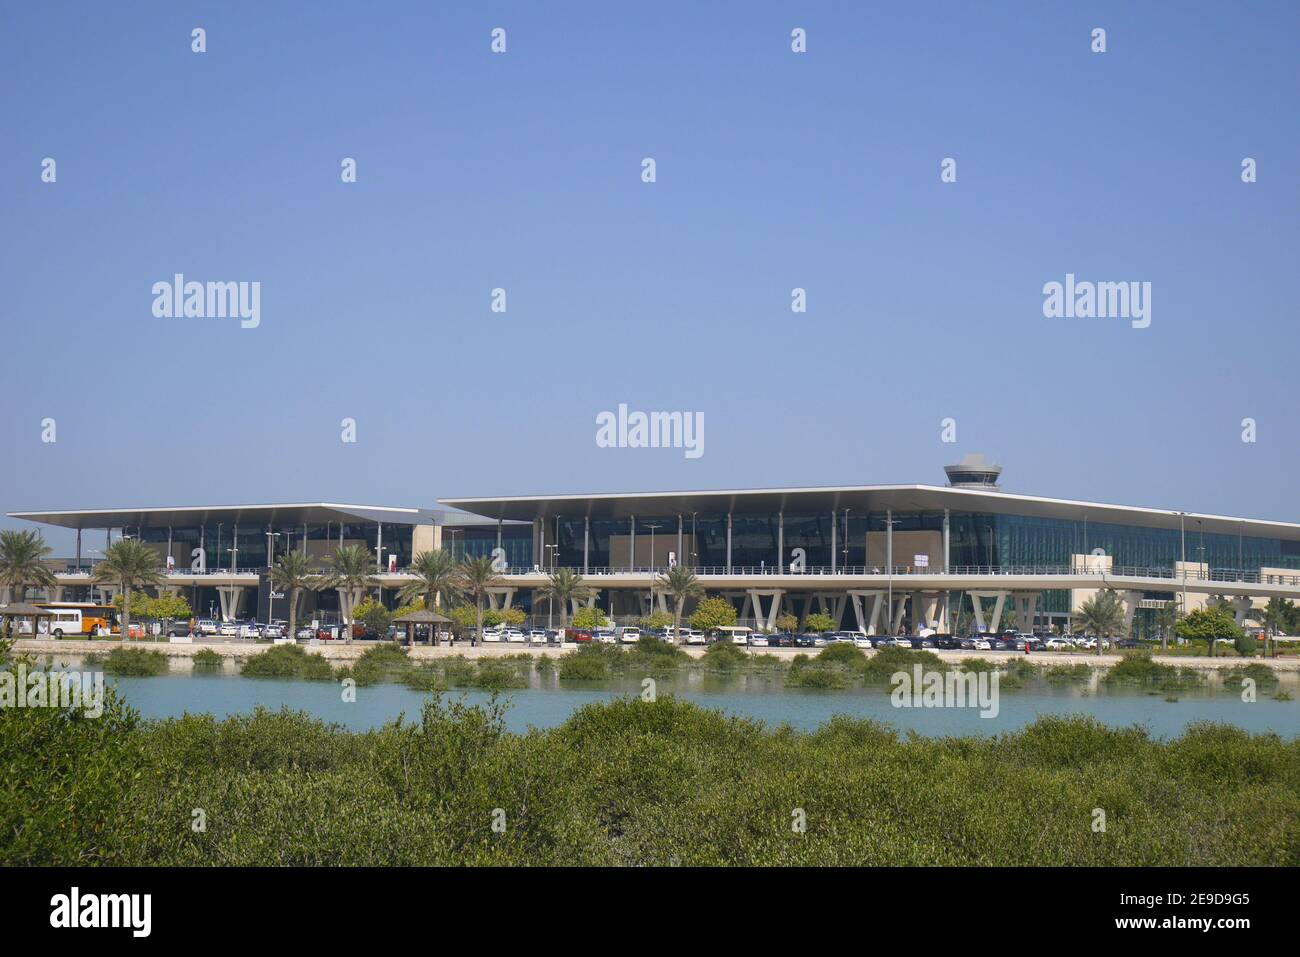 Il nuovo edificio del terminal passeggeri, visto dall'altra parte delle mangrovie della Baia di Arad, dall'aeroporto internazionale del Bahrain, Muharraq, Regno del Bahrain Foto Stock